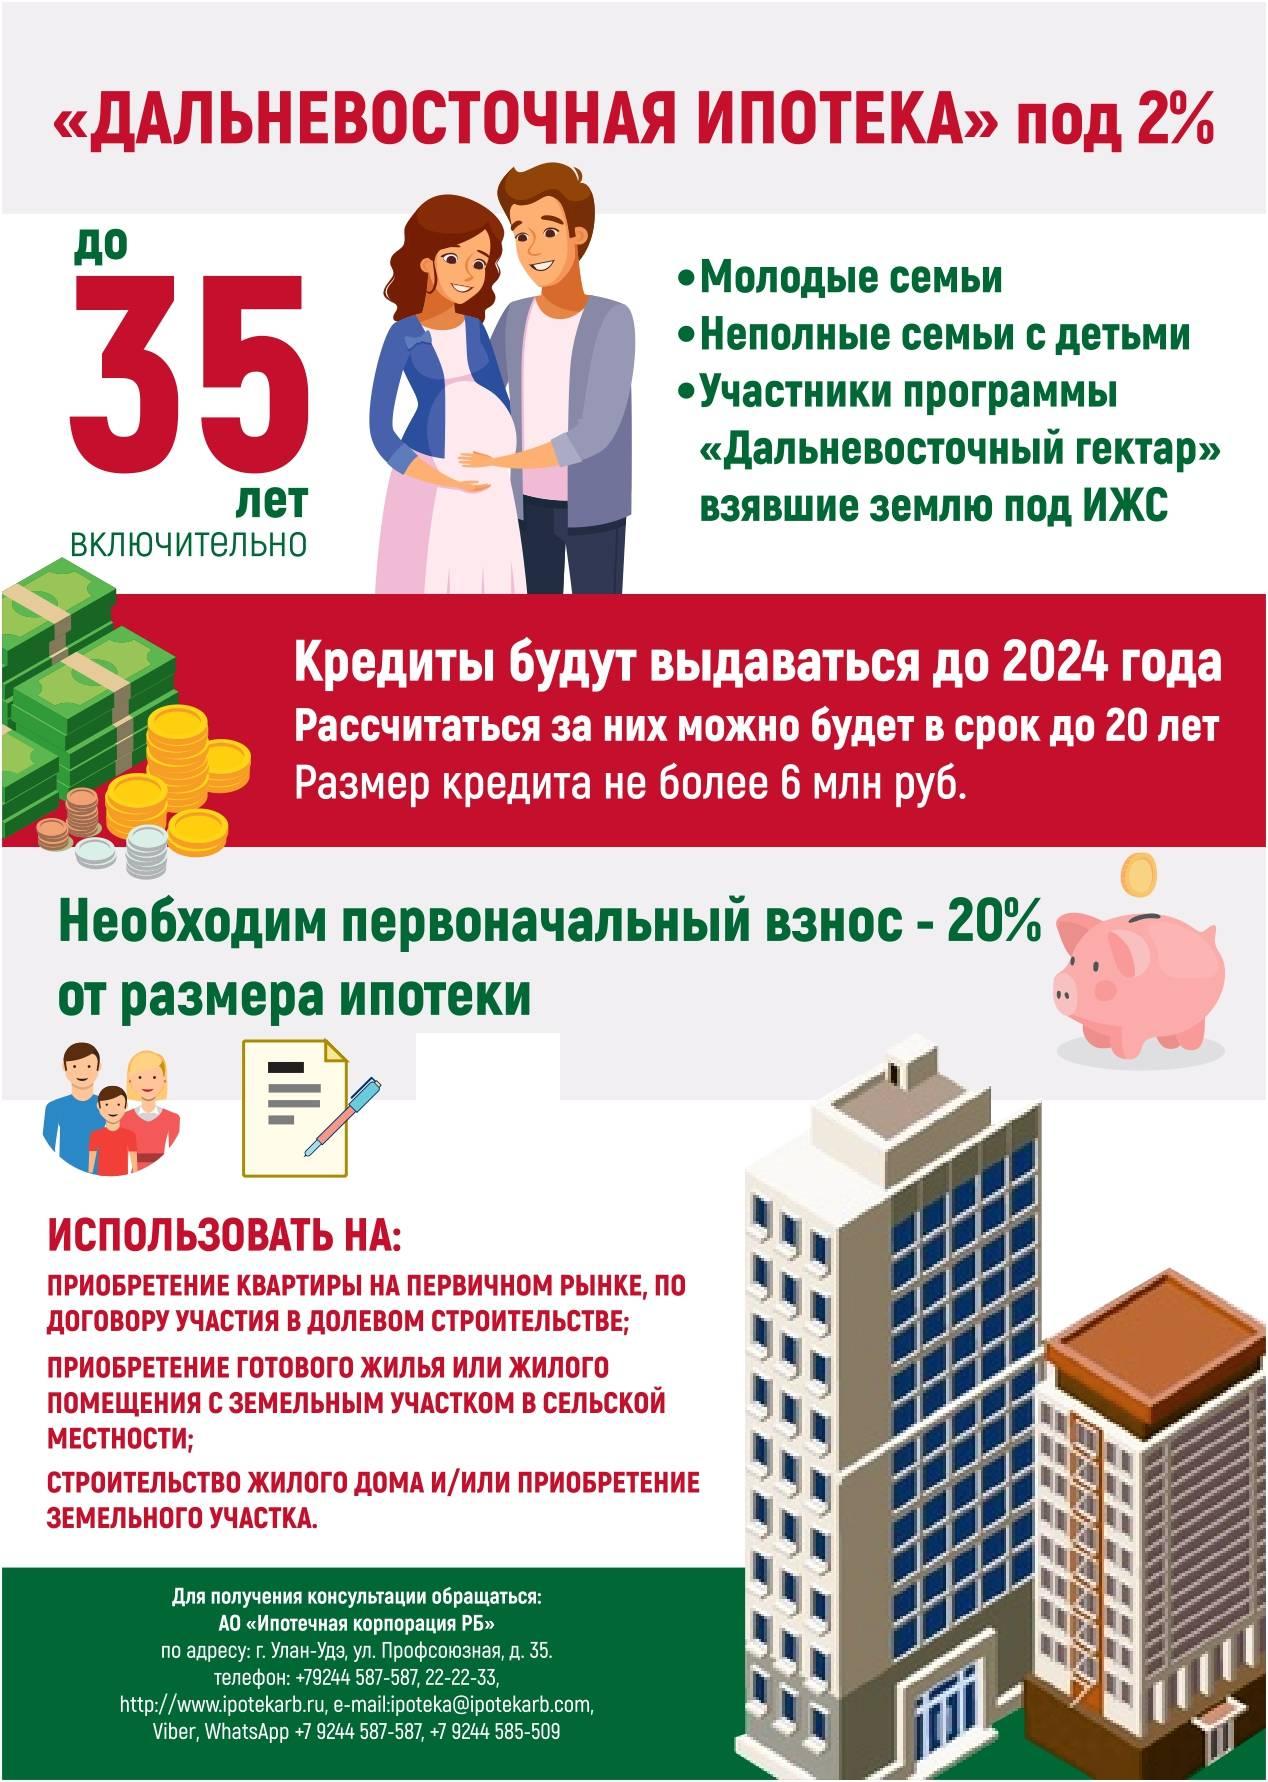 Ипотека для бюджетников в 2020 году — условия в сбербанке, втб и других банках